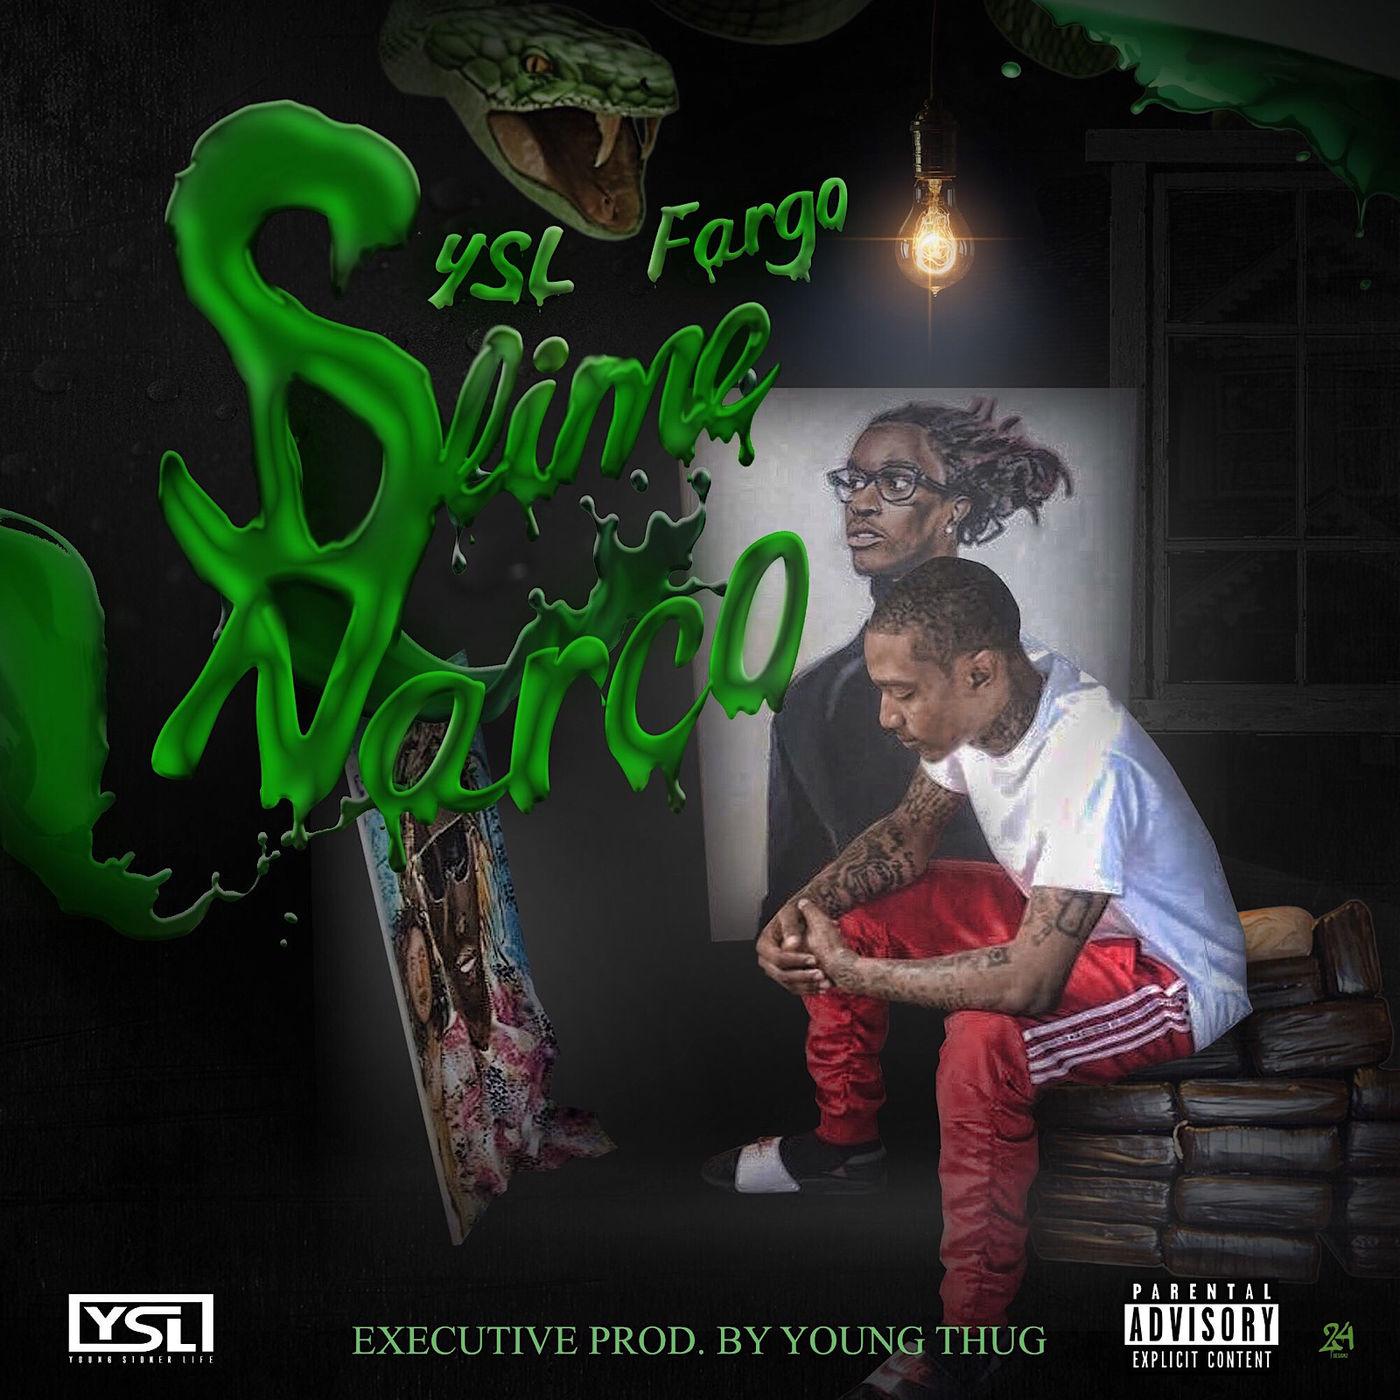 YSL Fargo - Slime Narco Cover Art